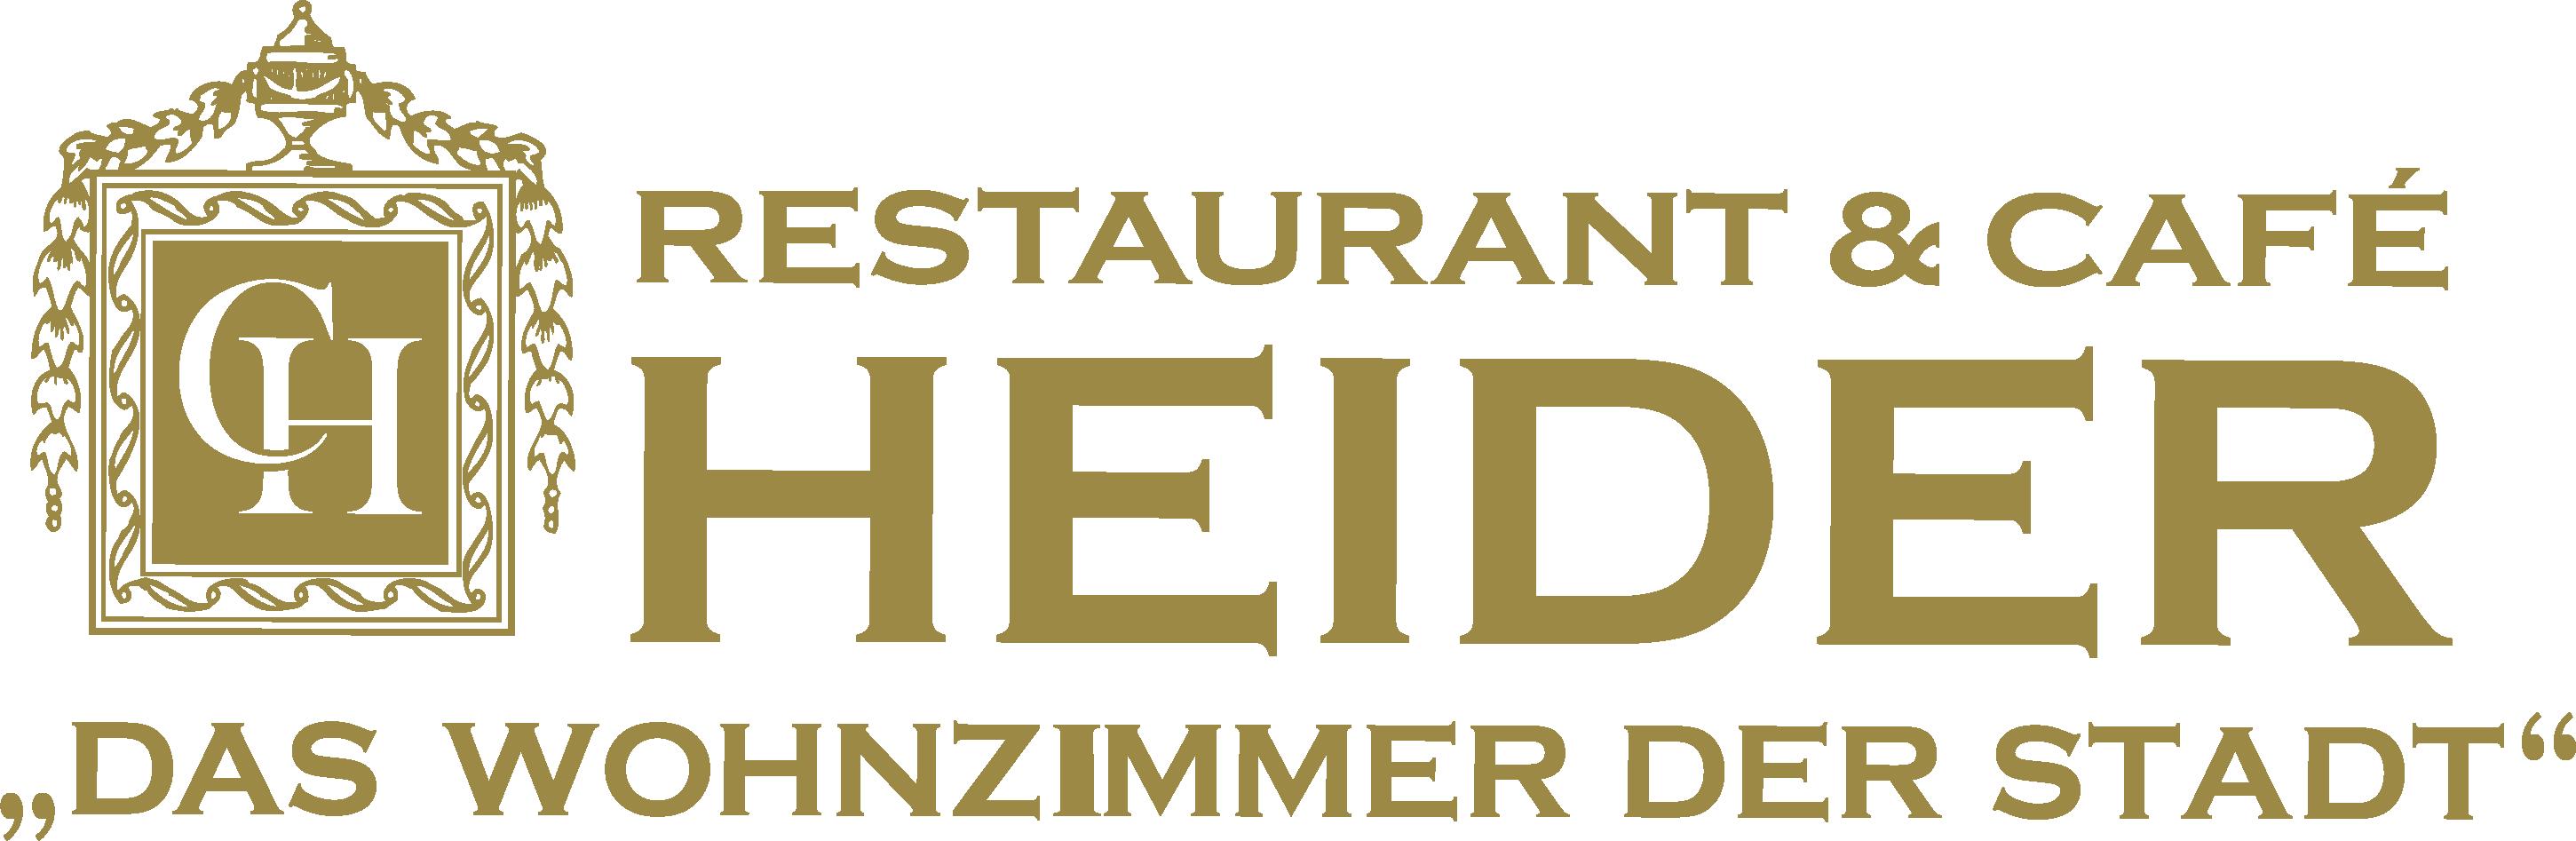 Cafe Heider Potsdam